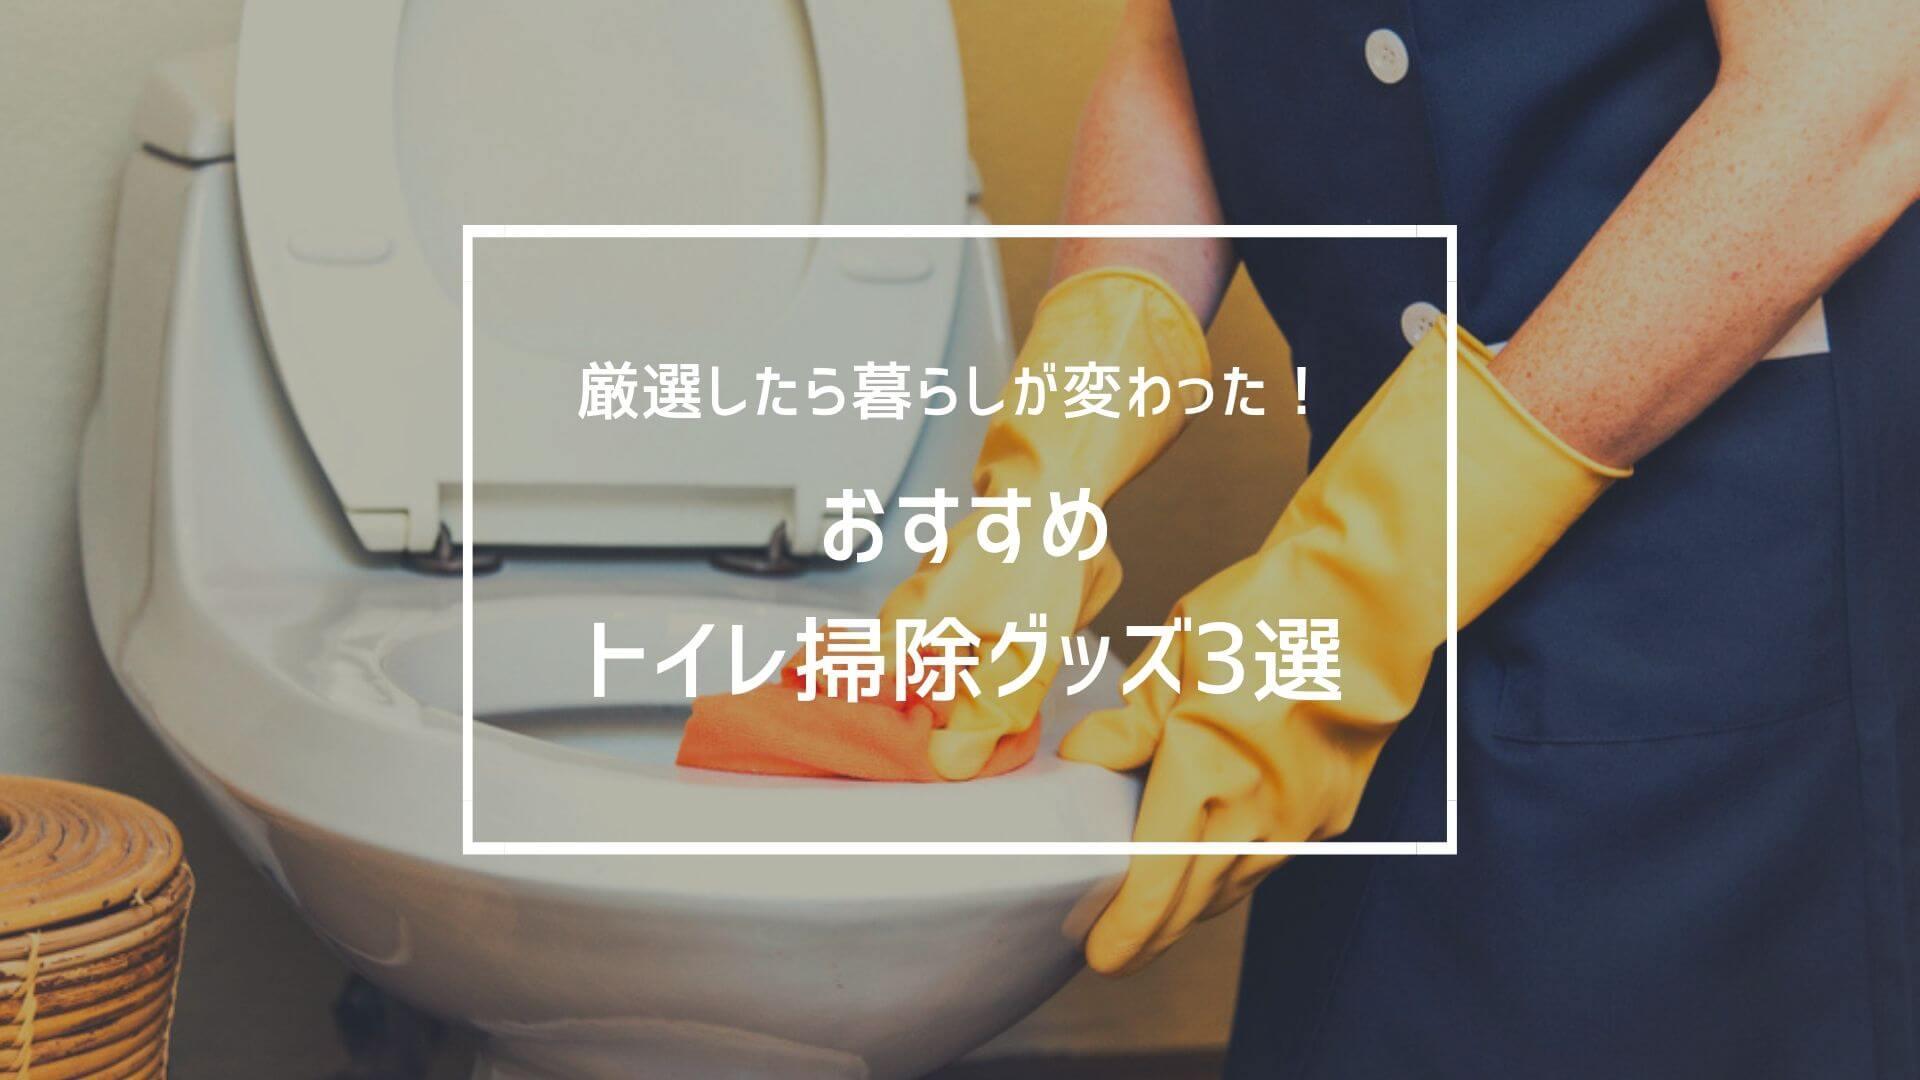 トイレ掃除の厳選